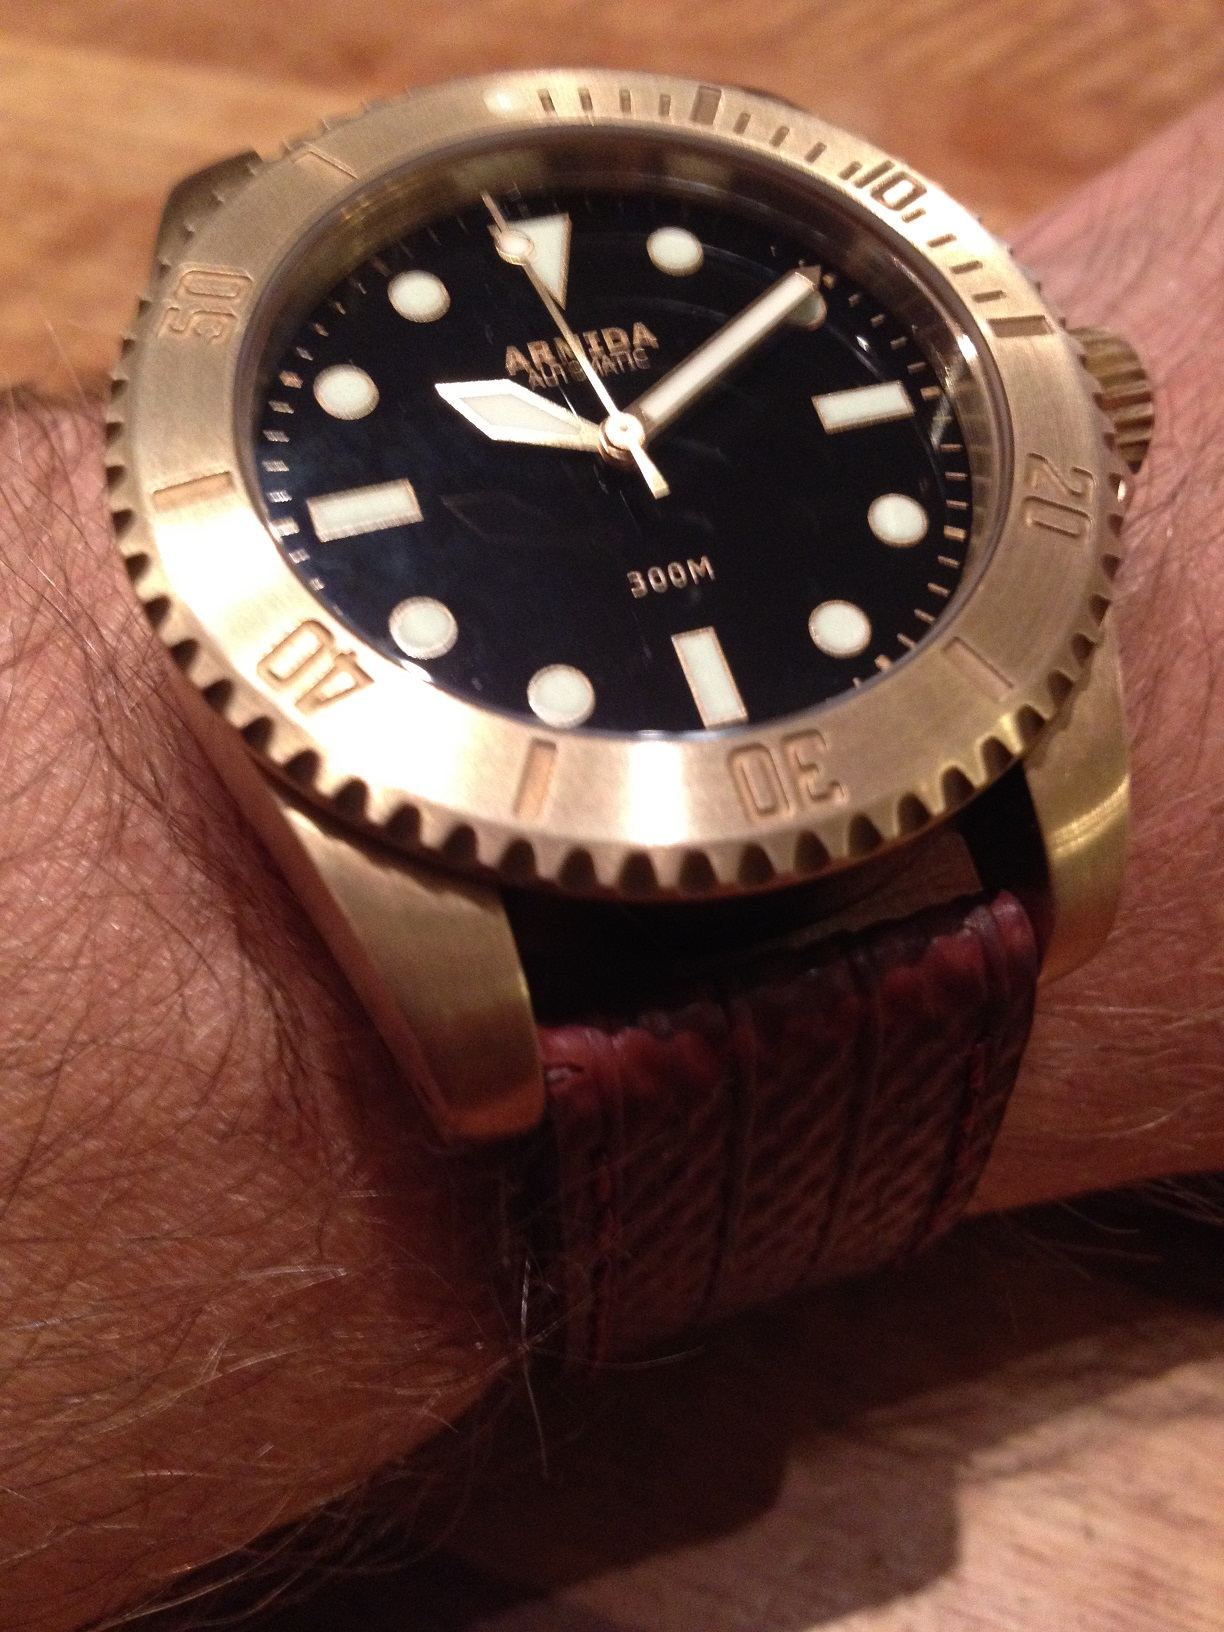 Horloge Om mooie dag mooi horloge om . ;-) - algemene horlogepraat